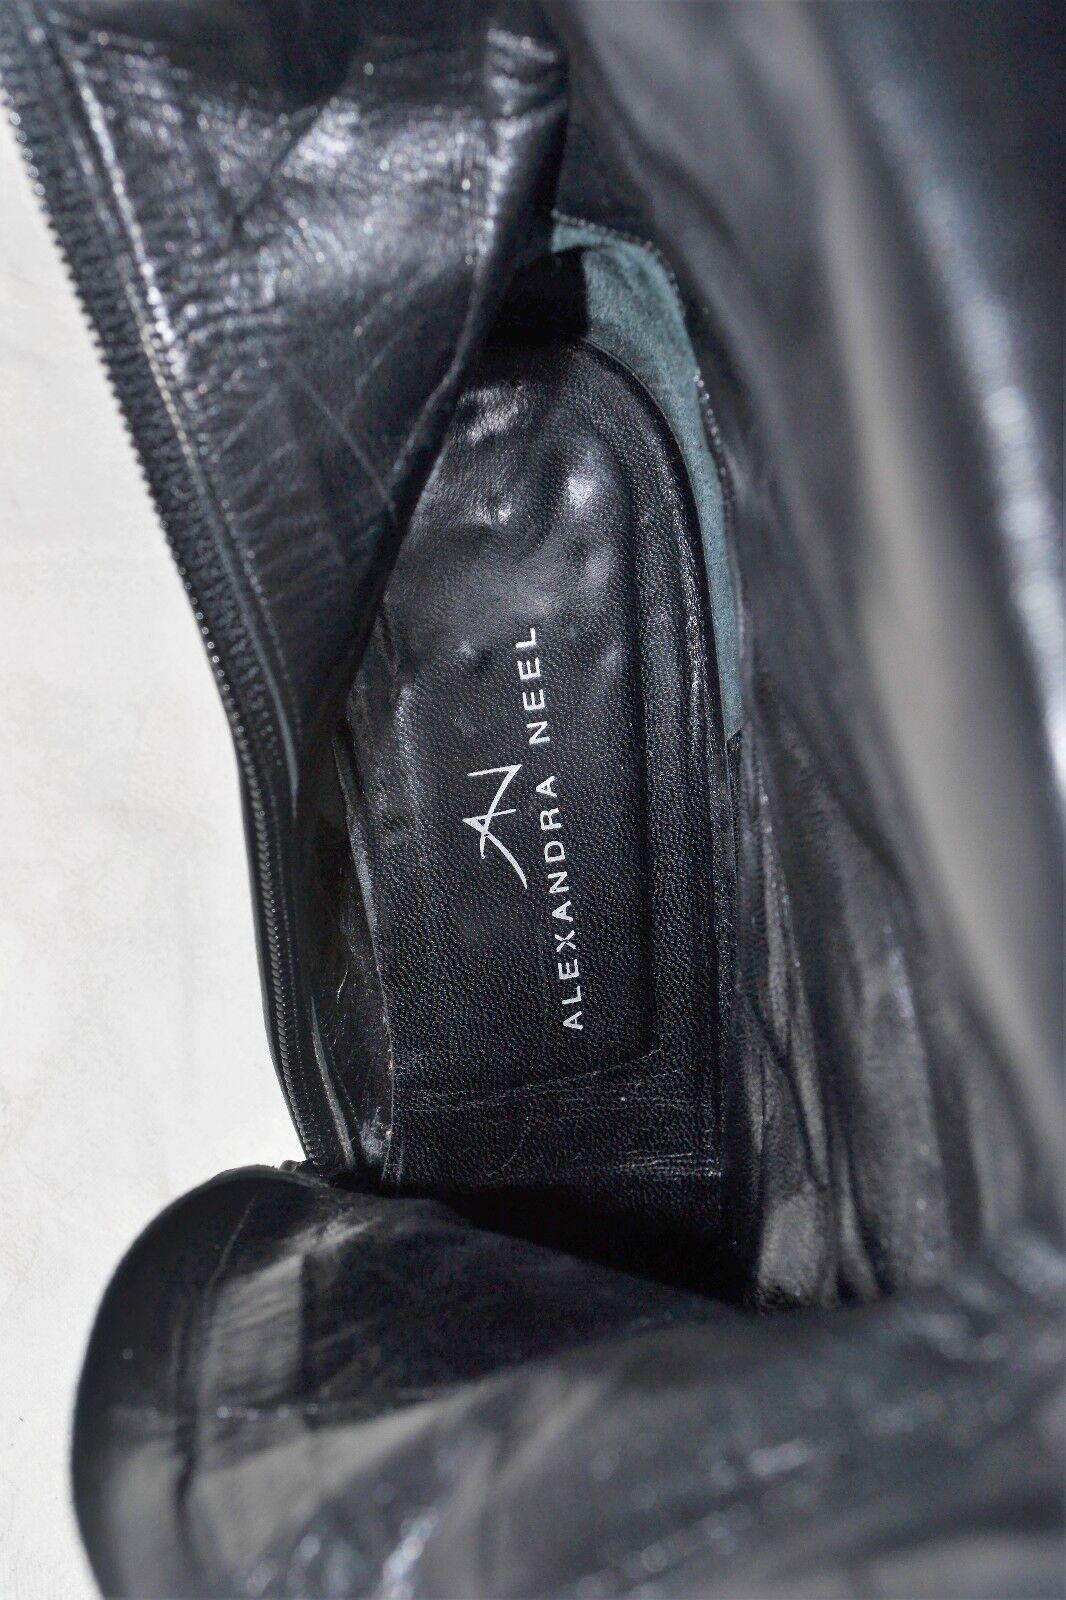 ALEXANDRA NEEL Größe 5 / 38 Genuine Designer RARE RARE RARE Corset Button Leder Stiefel VGC b20ce3